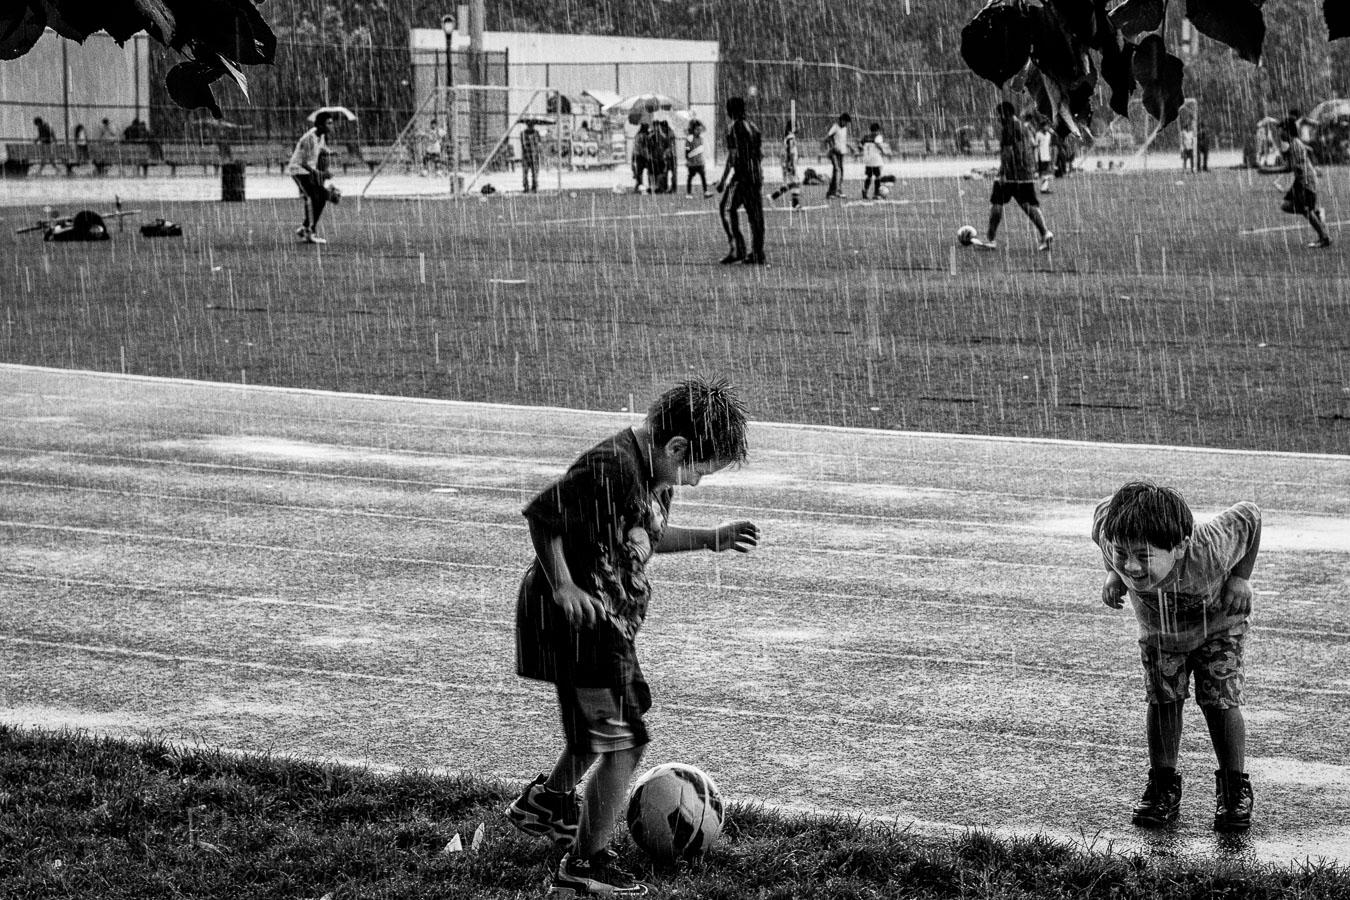 Photographie de voyage - jeunes enfants jouant au foot sous la pluie, New York